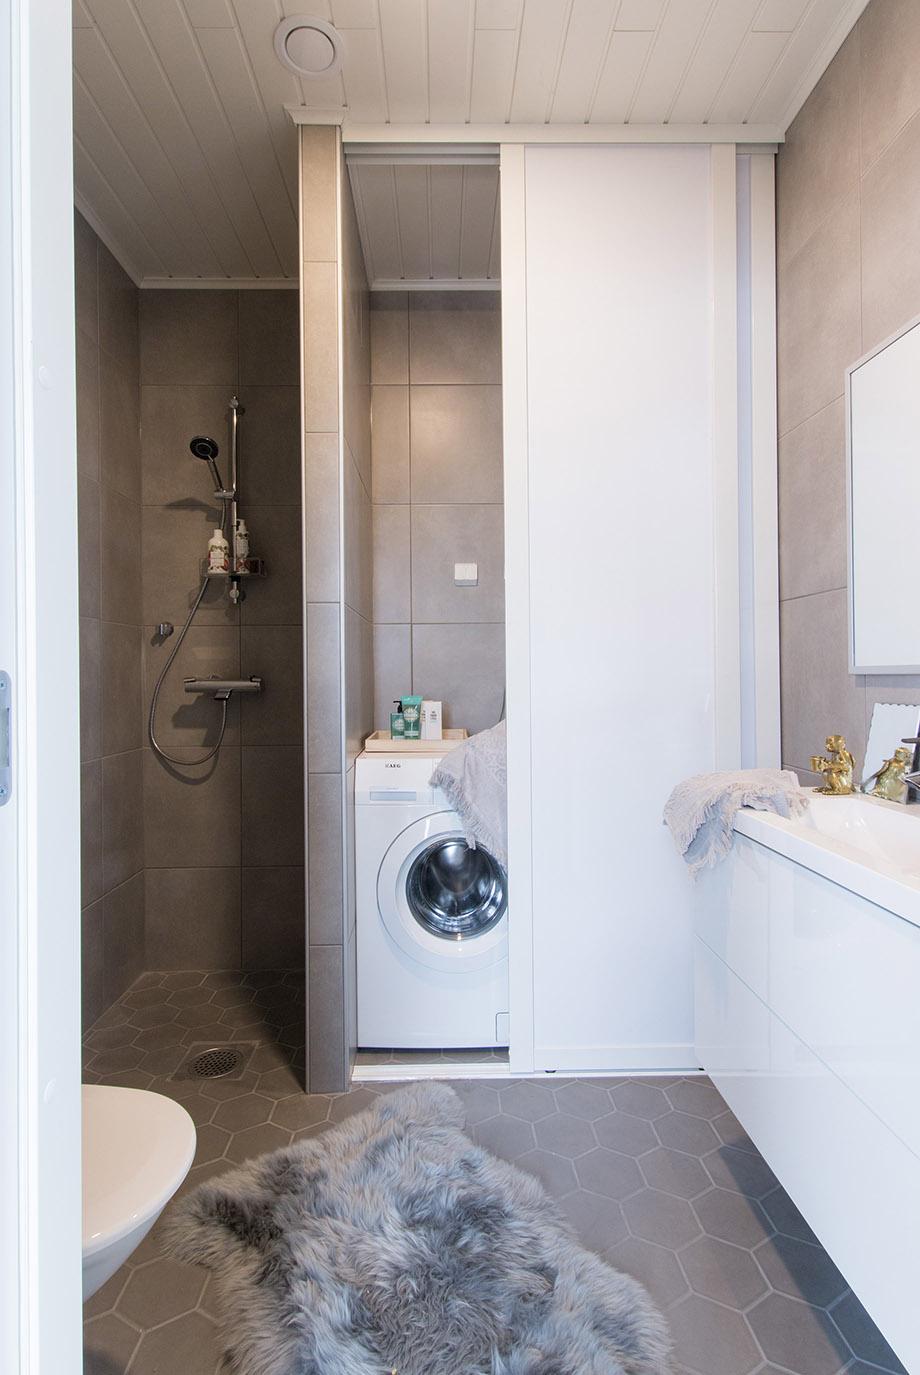 ห้องน้ำมีโซนซักล้าง